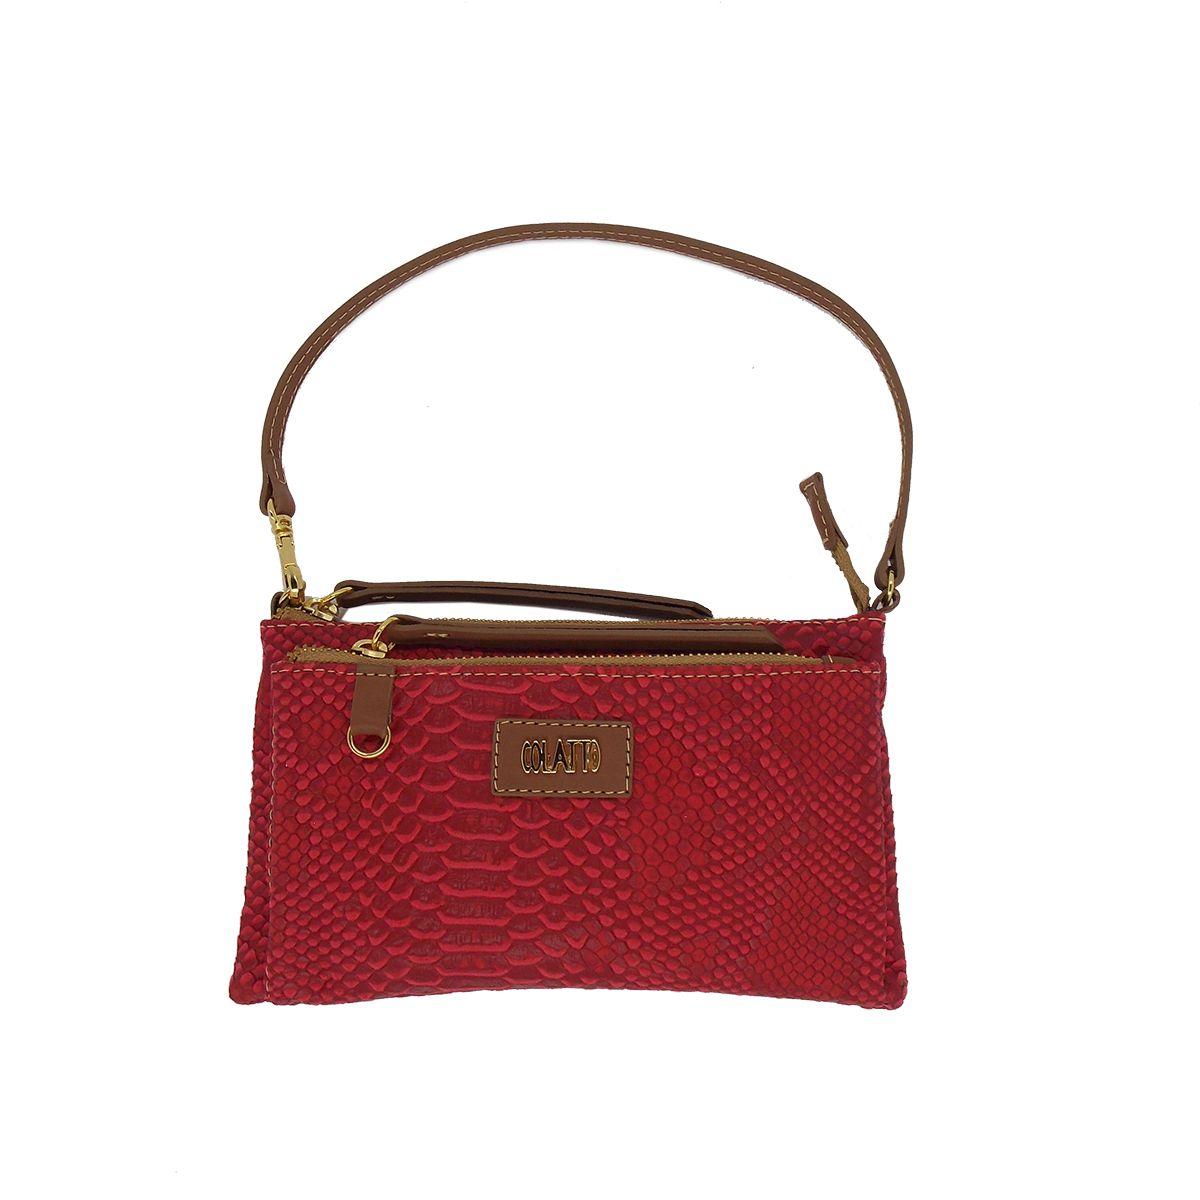 Bolsinha Transversal com dois bolsos Vermelha - Colatto